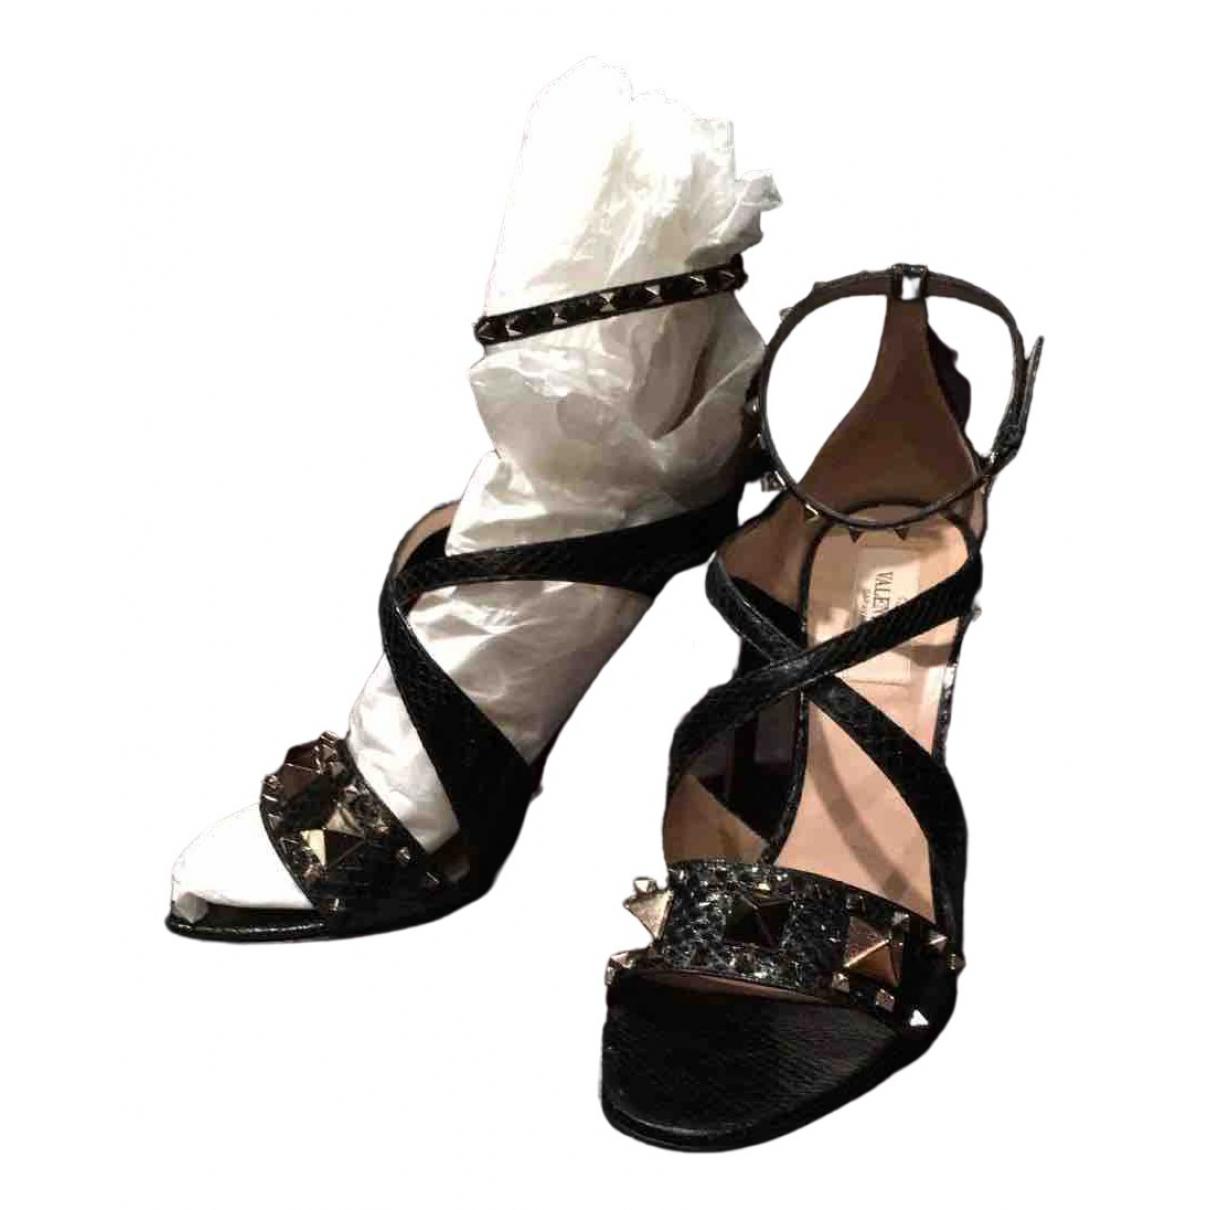 Sandalias de Piton Valentino Garavani